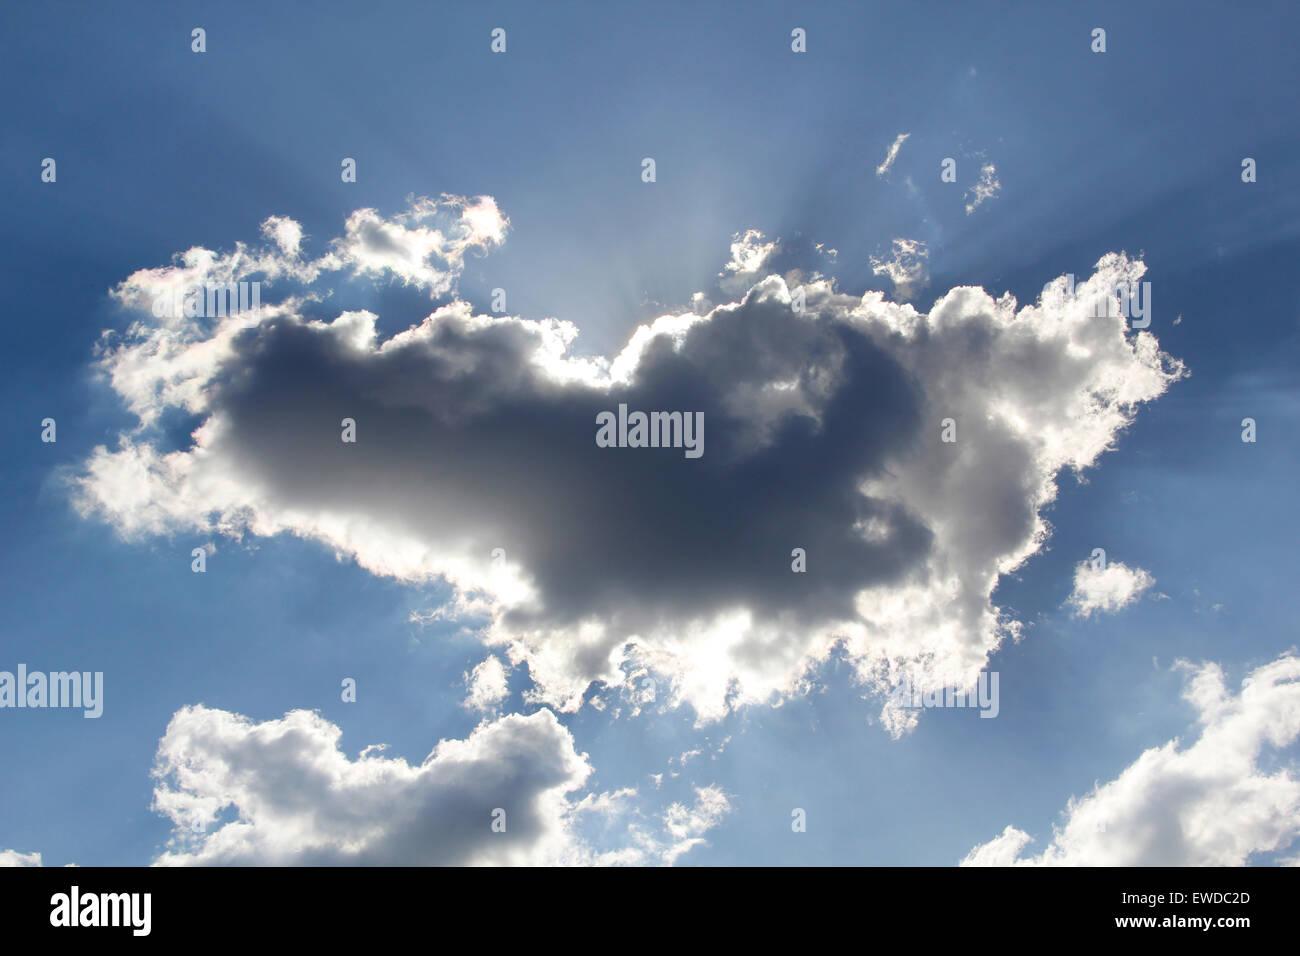 Nuvole bloccando il sole nel cielo Immagini Stock